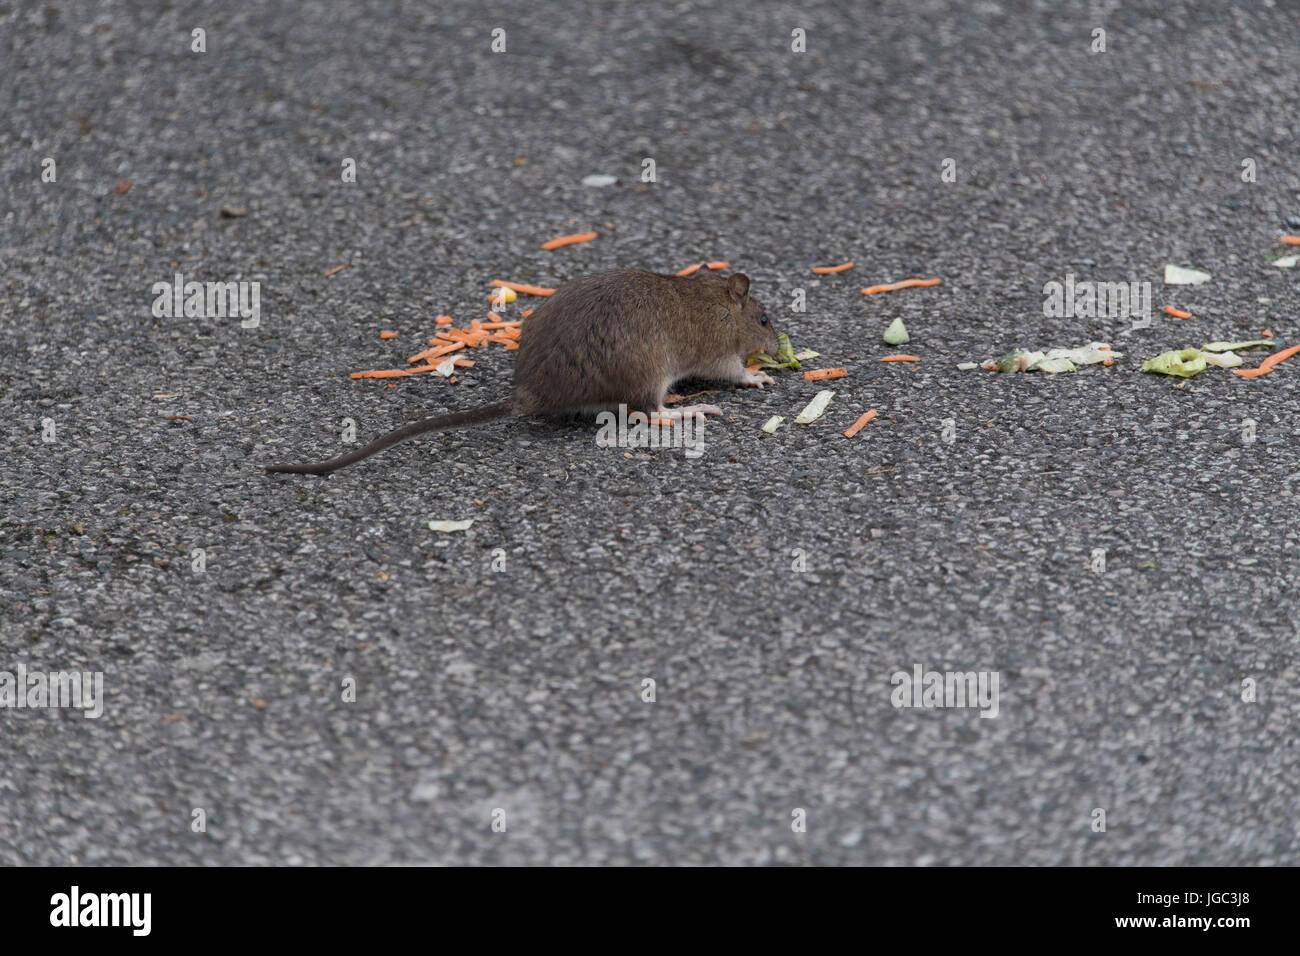 Brown Rat, Rattus norvegicus, eating scraps of food left in a fast food restaurant car park. Penrith, Cumbria. - Stock Image